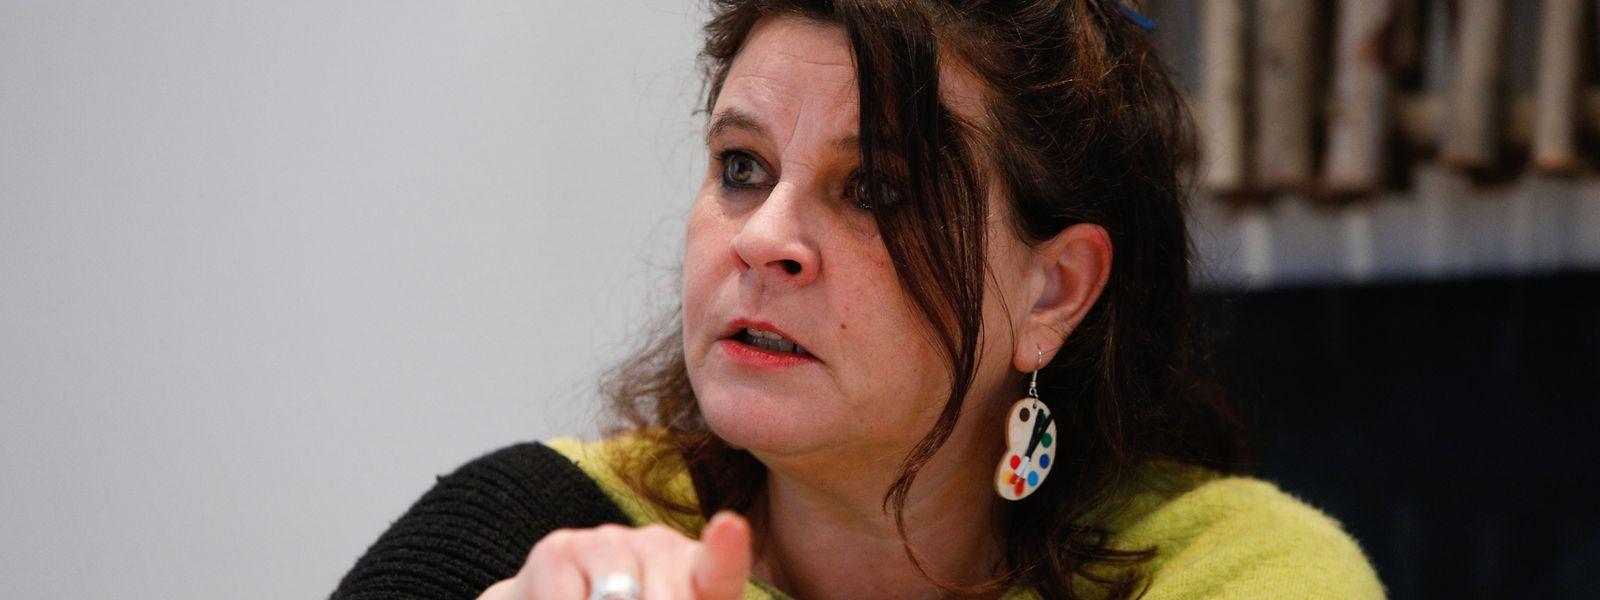 """Im Gespräch mit dem """"Luxemburger Wort"""" geht Nathalie Pott erstmals mit ihren Erinnerungen an sexuellen Missbrauch an die Öffentlichkeit."""